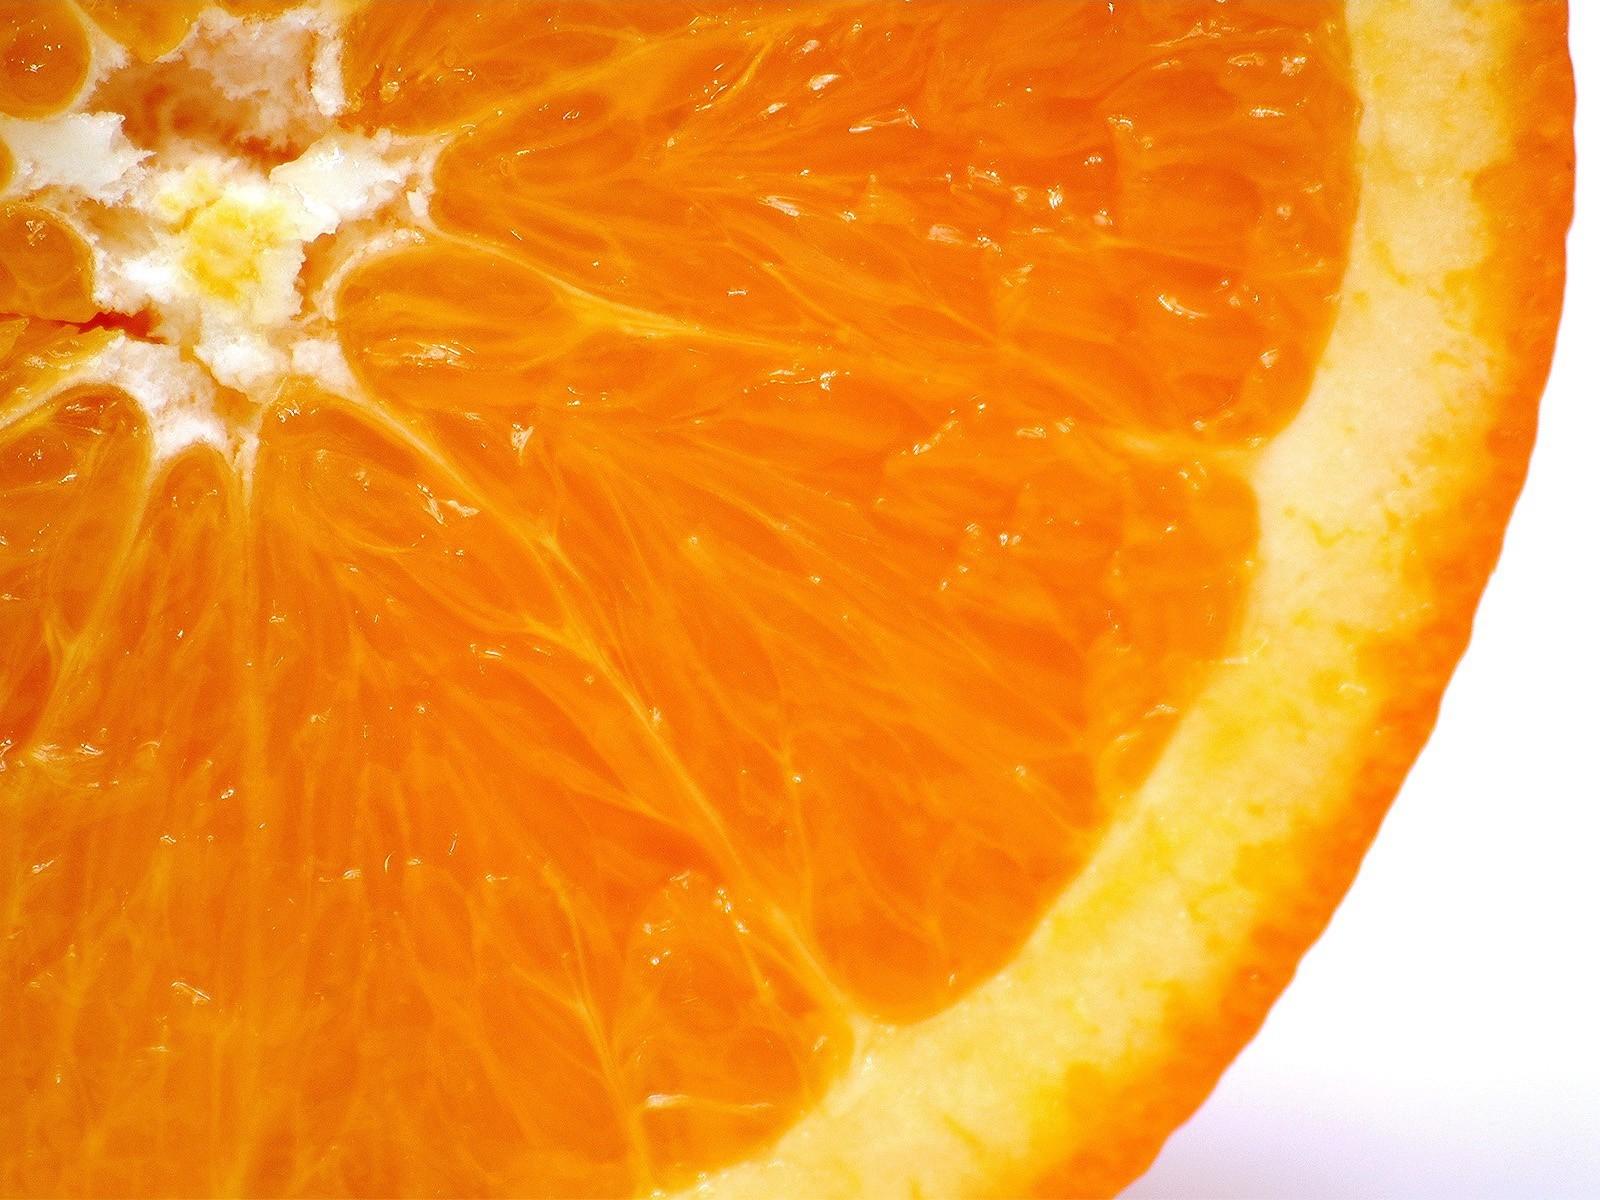 Картинки апельсиновые дольки, юра